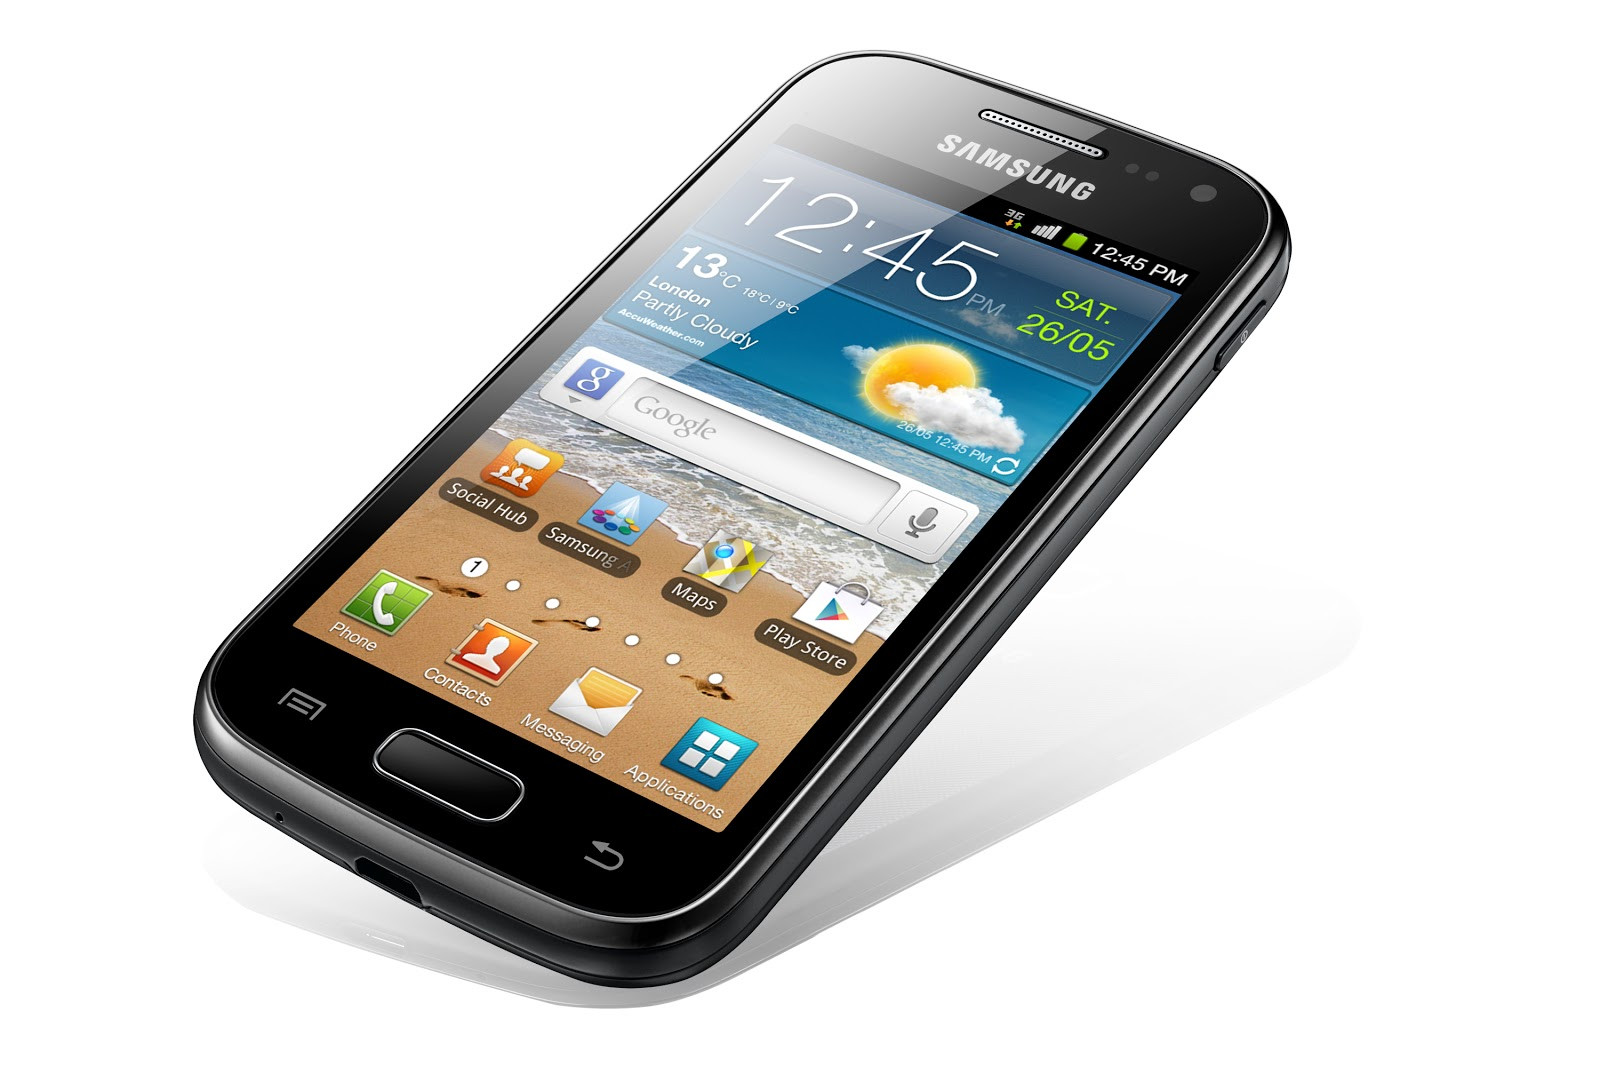 June 2012 - Handphone Terbaru